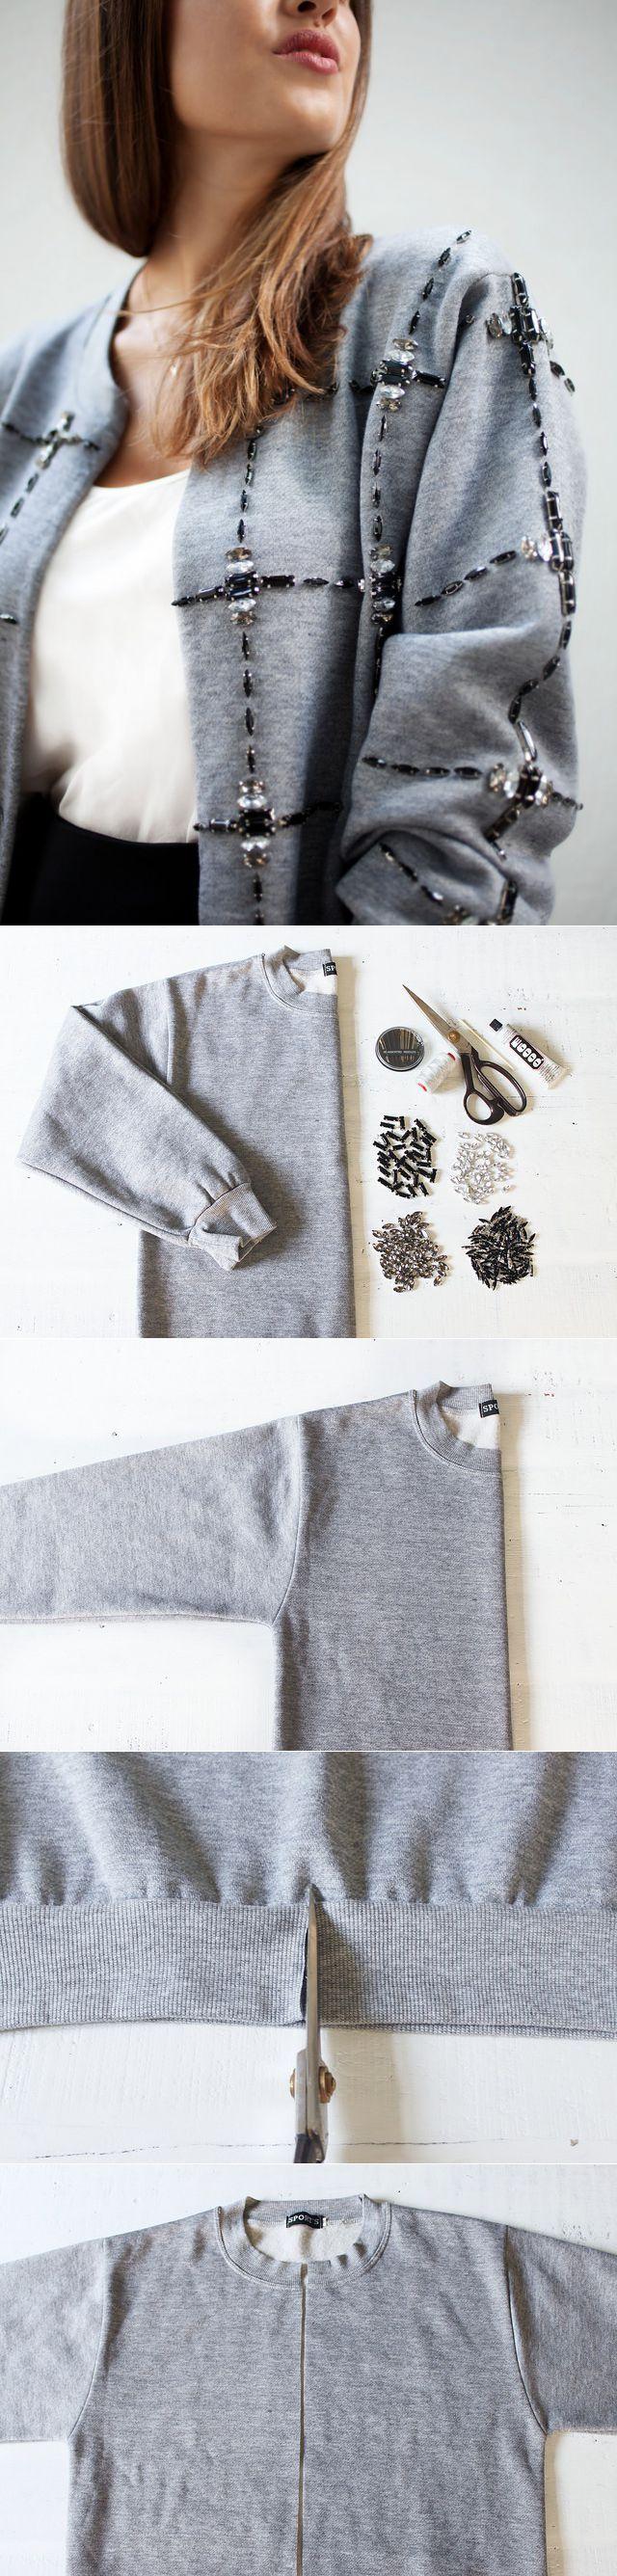 Что можно сделать из старой одежды. Интересные вещи своими руками. Переделка старой одежды в новую своими руками мастер класс на фото.